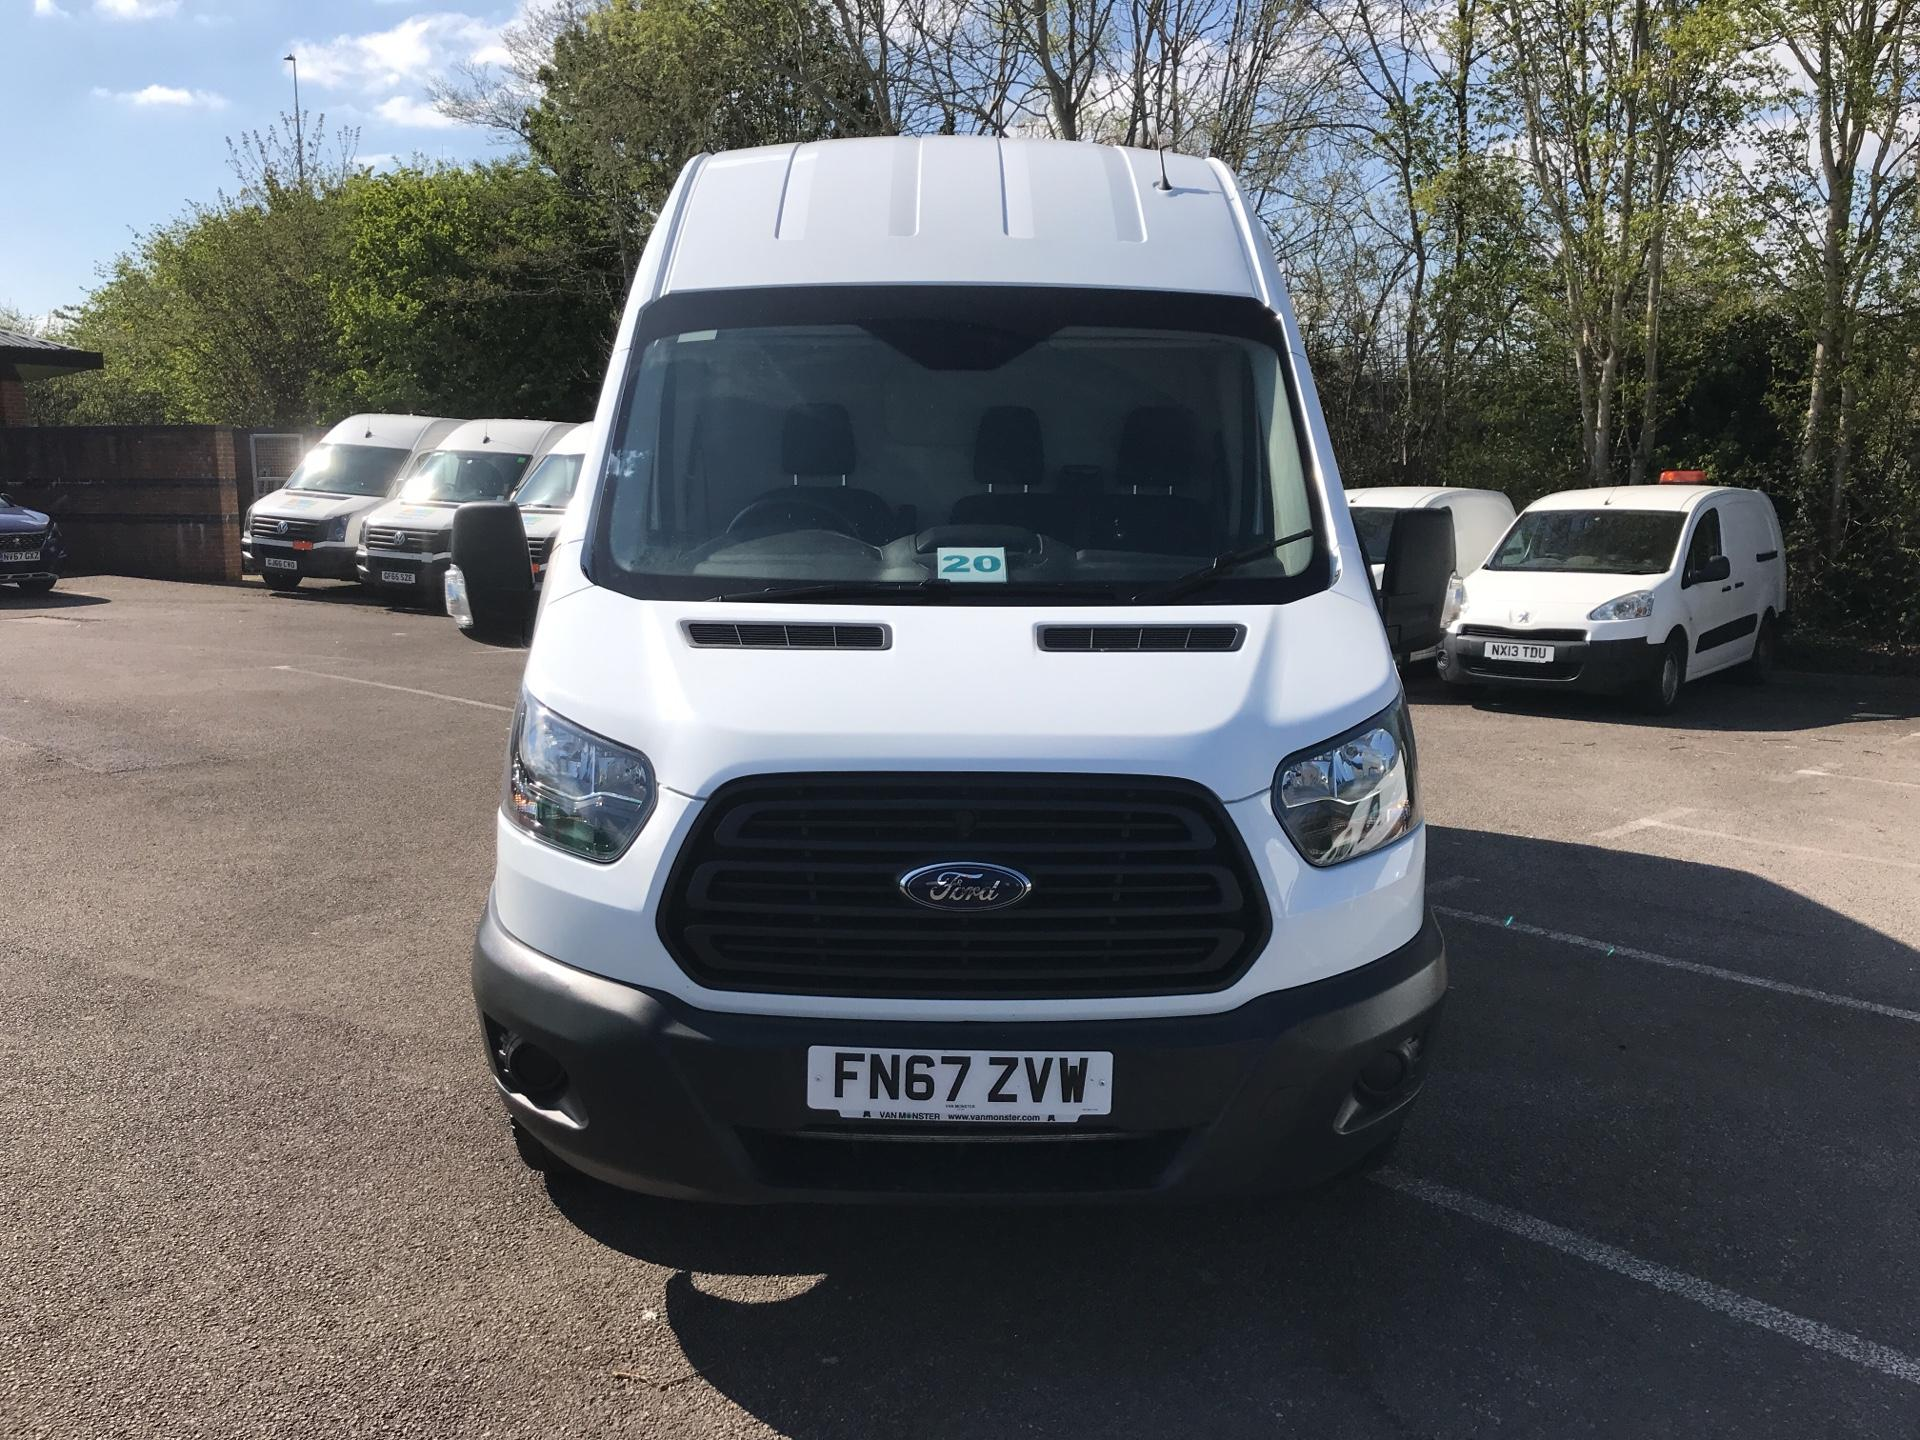 2017 Ford Transit 2.0 Tdci 130Ps H3 Van Euro 6 (FN67ZVW) Image 8